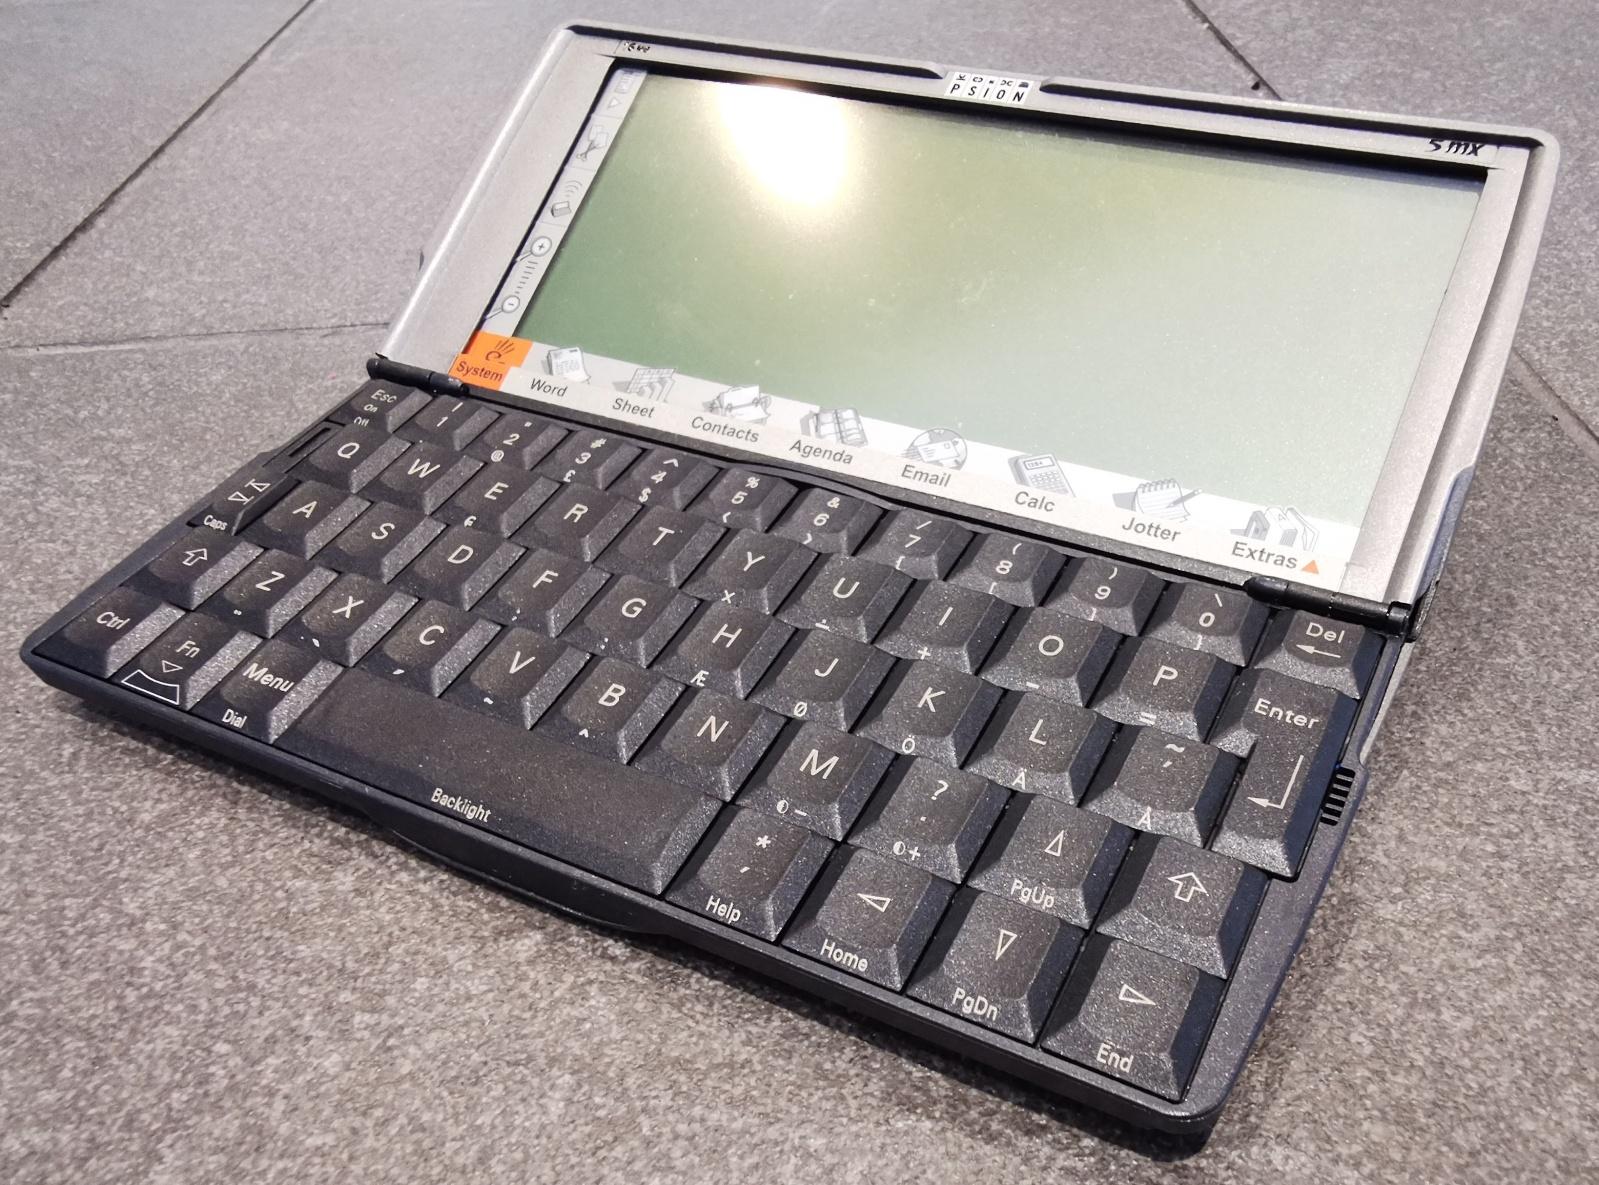 Уроки Symbian OS — фиаско топ менеджеров, колосс на глиняных ногах, или неотвратимость бытия? - 2